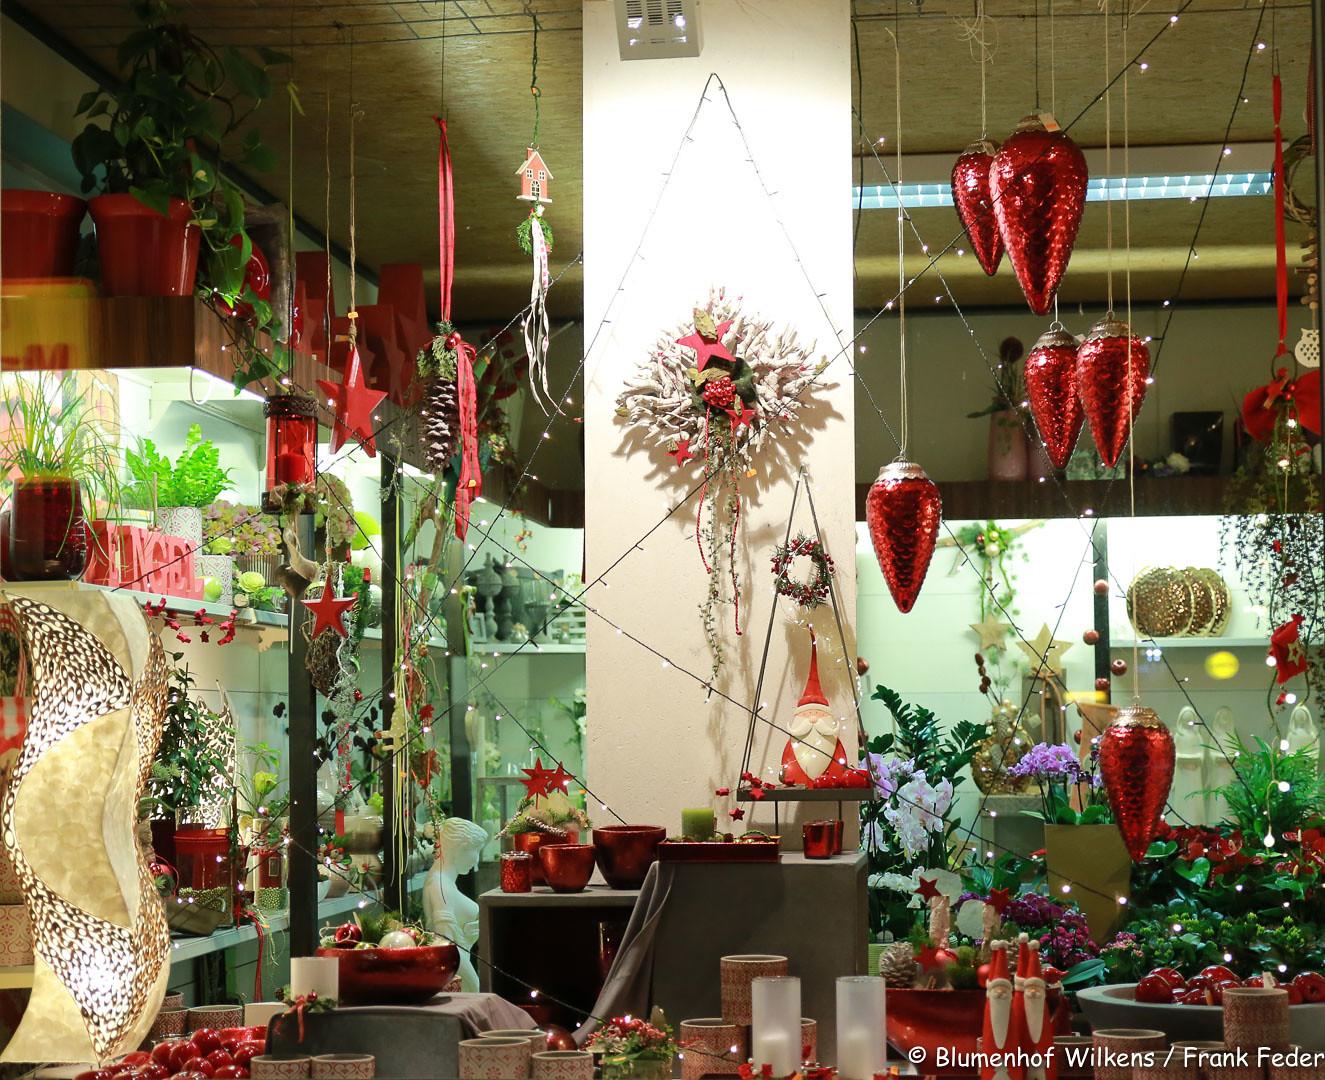 Weihnachten Blumenhof Wilkens 2017 11 17 0048